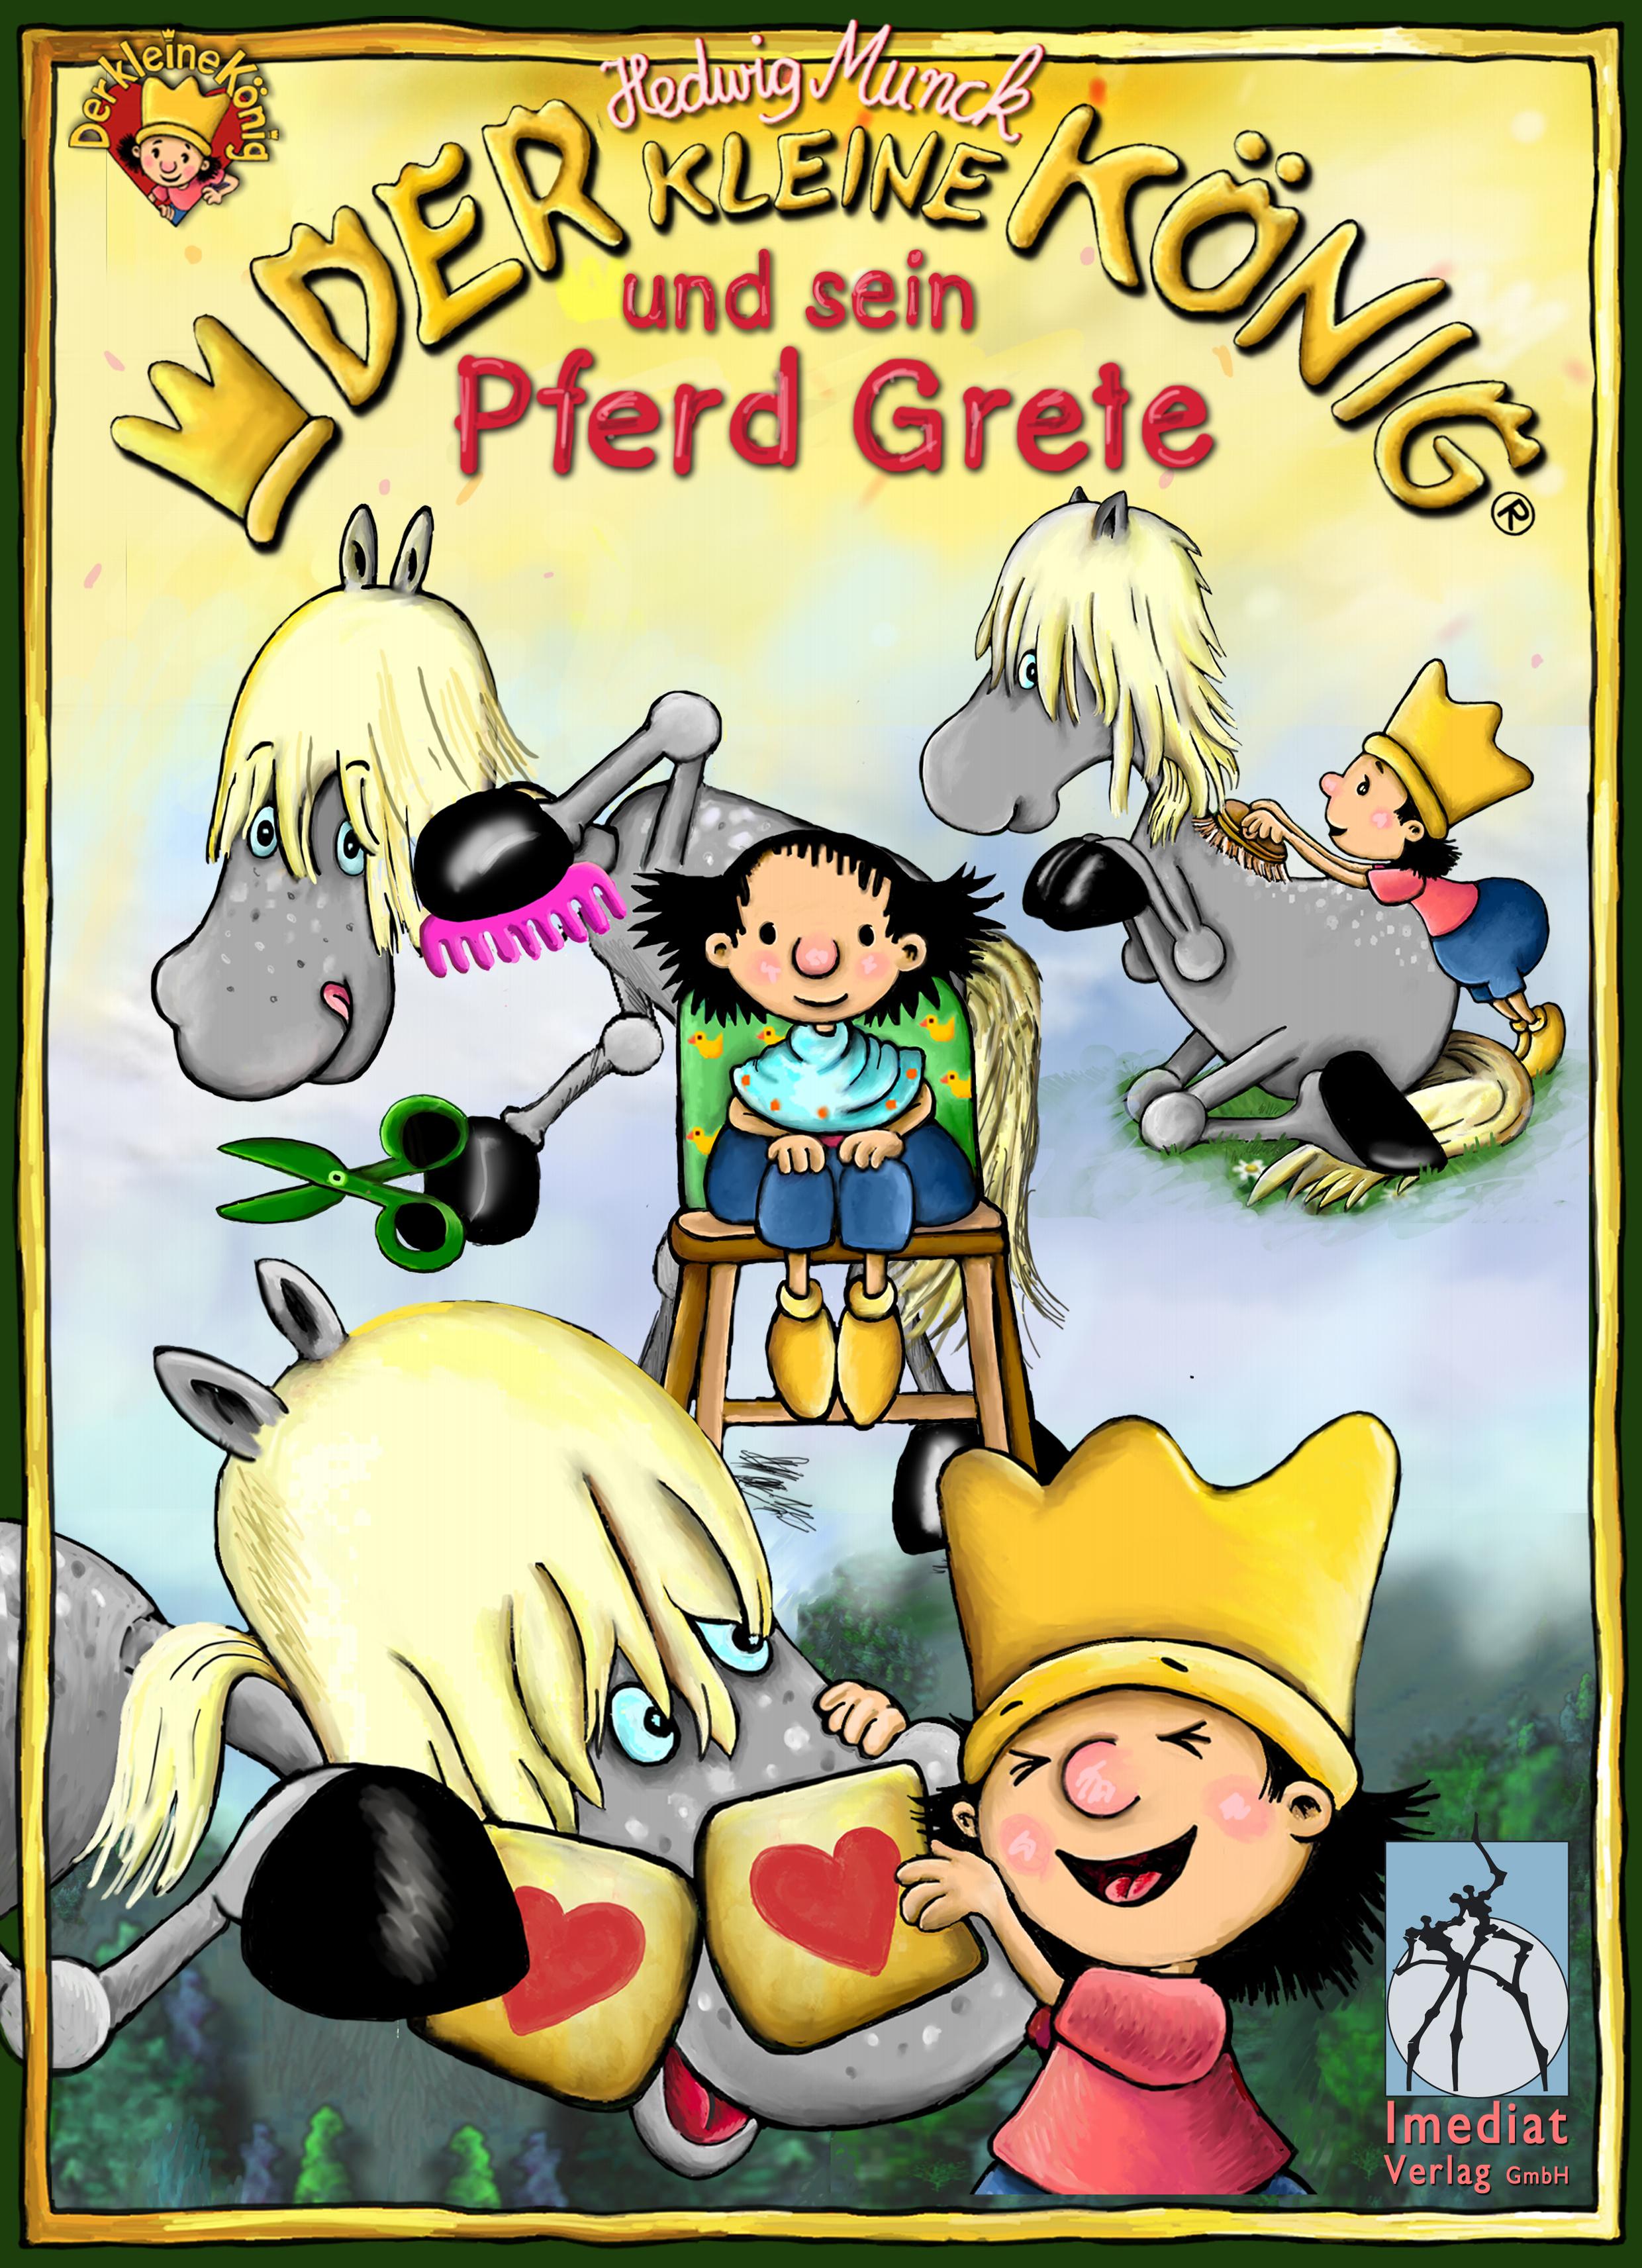 цена Hedwig Munck Der kleine König und sein Pferd Grete